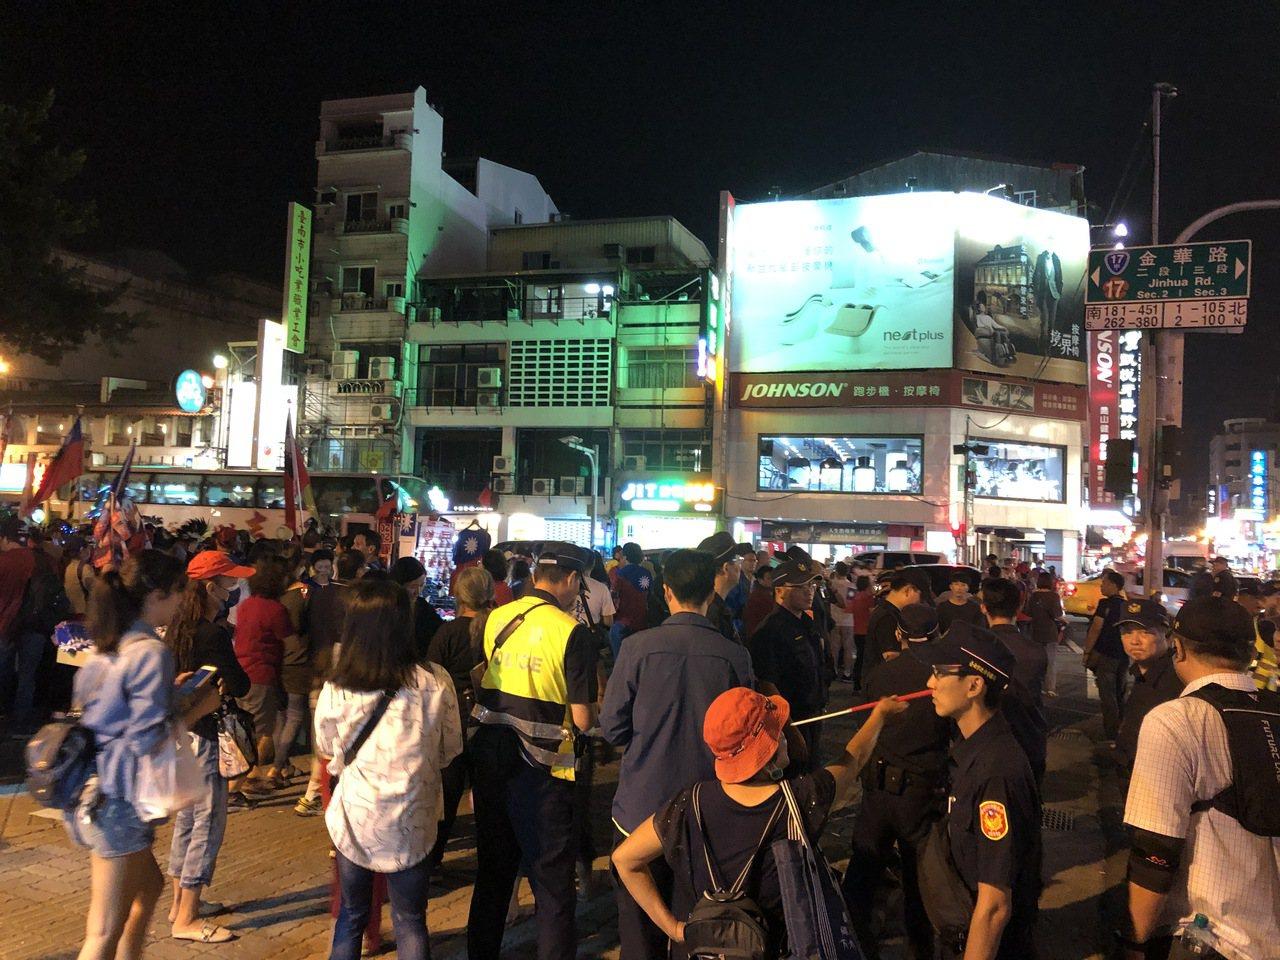 有人朝韓國瑜丟一顆雞蛋,不過並沒有擊中韓國瑜,警方在案發現場了解狀況。記者邵心杰...